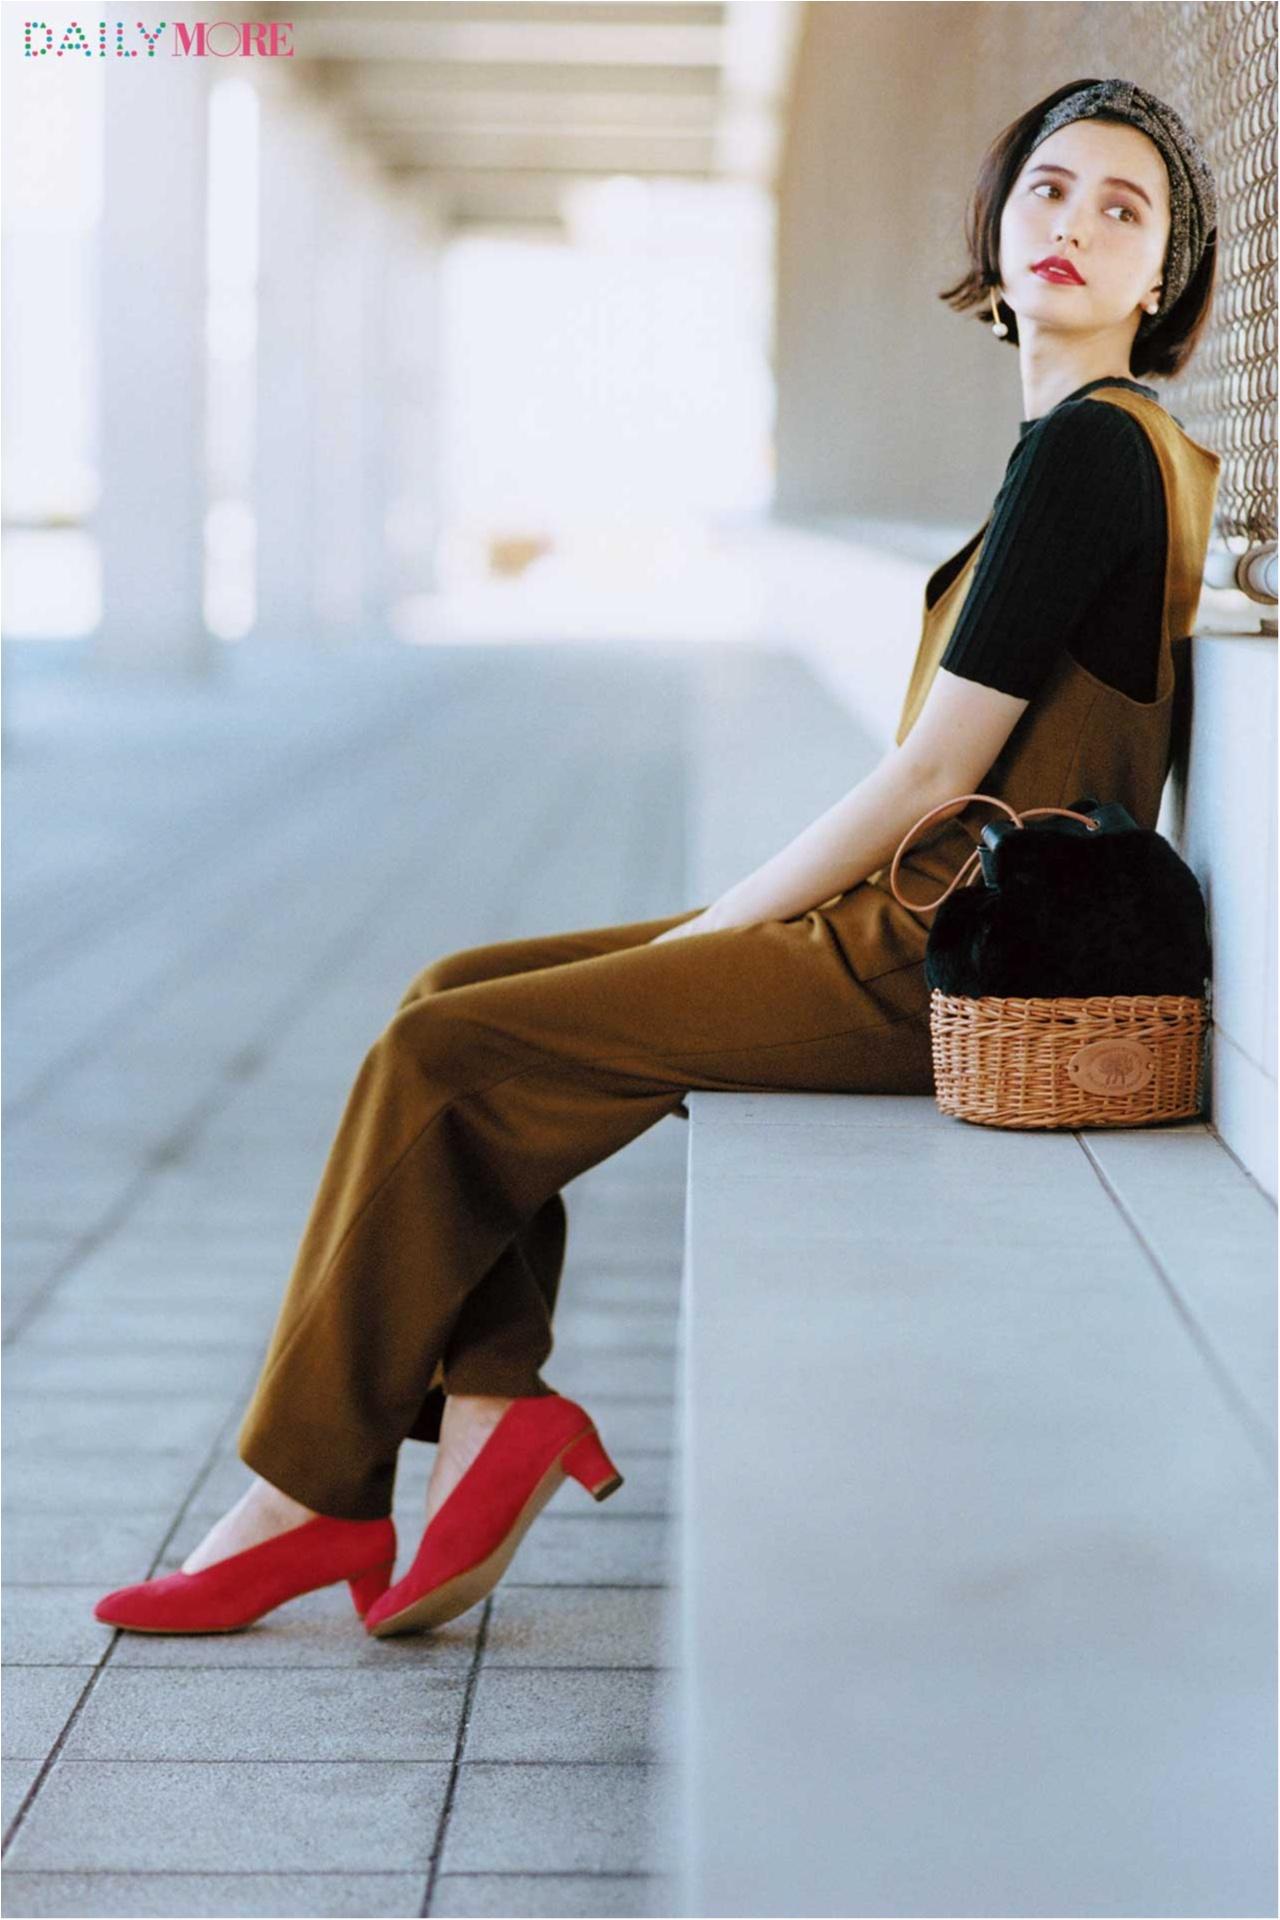 【今日のコーデ/比留川游】赤い靴を引き立てる黒×ブラウンの着こなしで、秋のフレンチシックを進化させて。_1